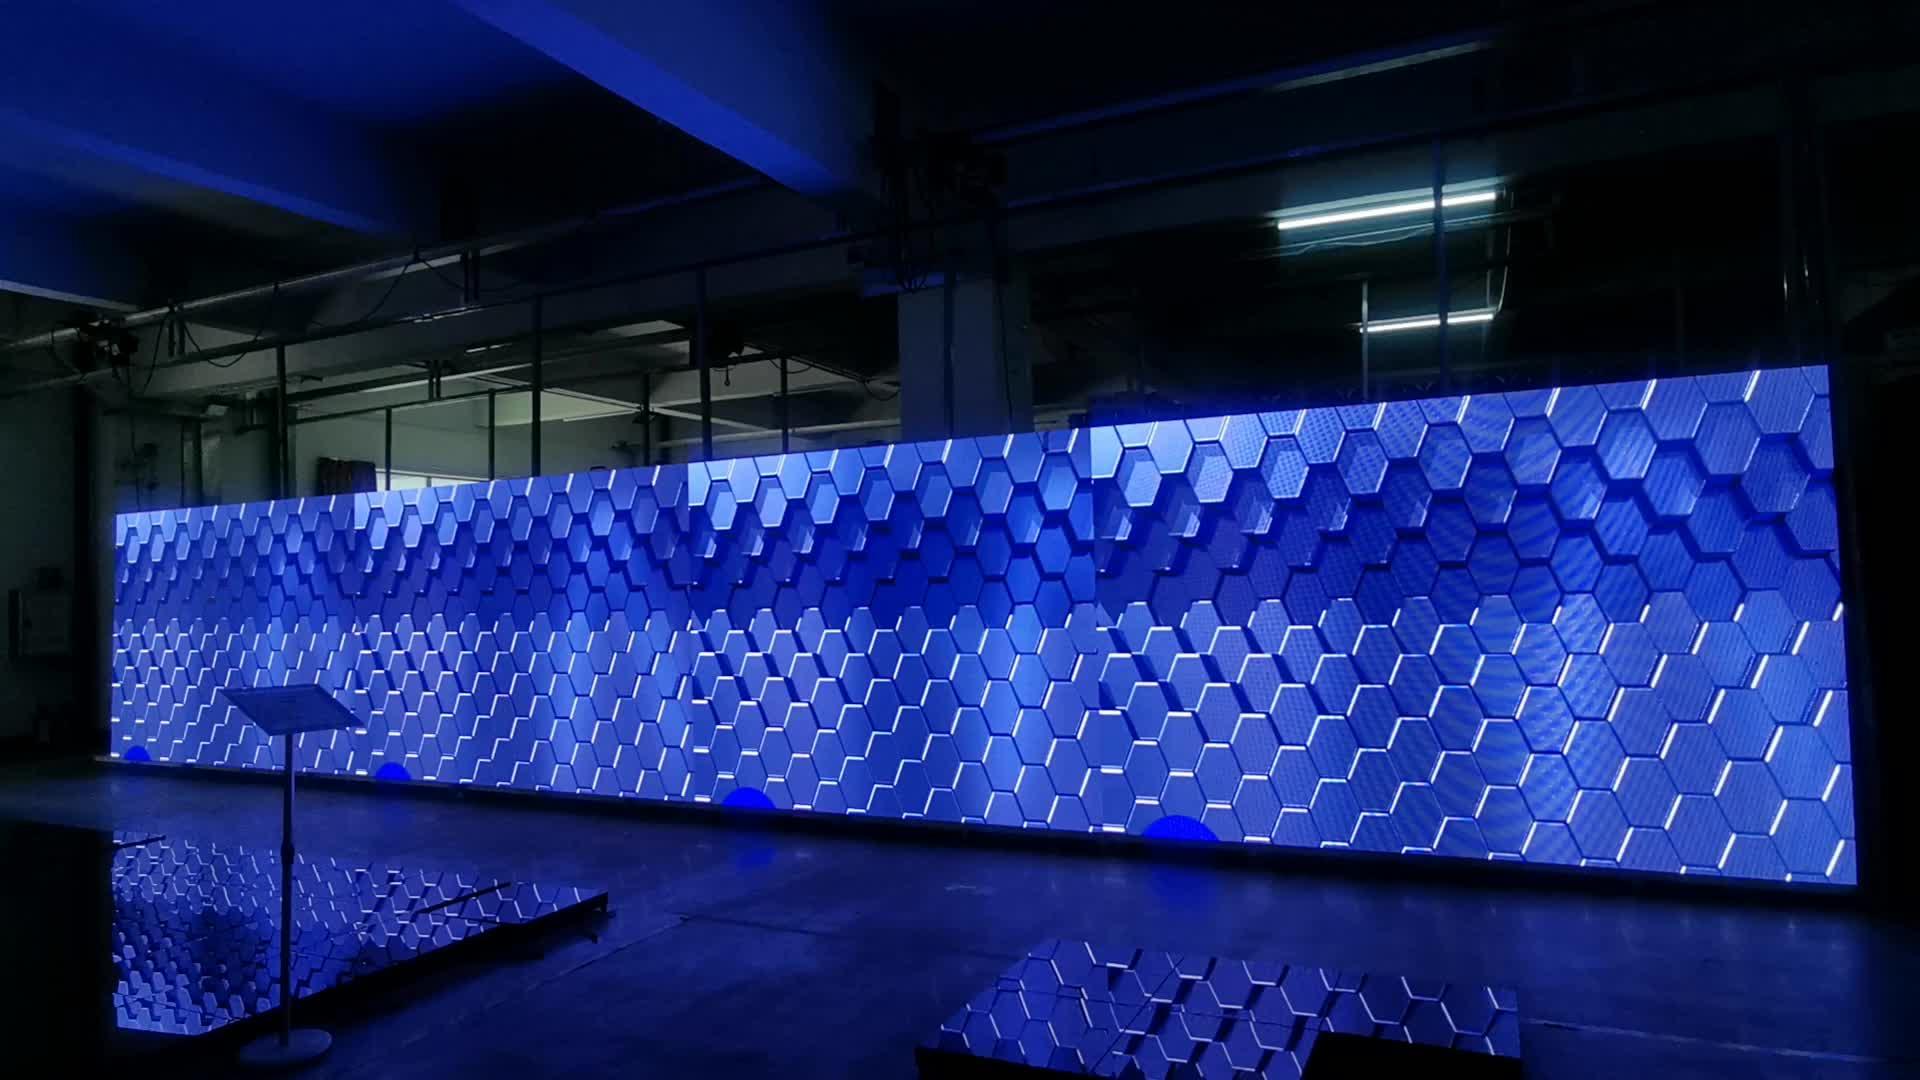 إضاءة ليد من الصيني لوحة شاشة عرض الفيديو الجدار شاشة led خارجية مقطورة